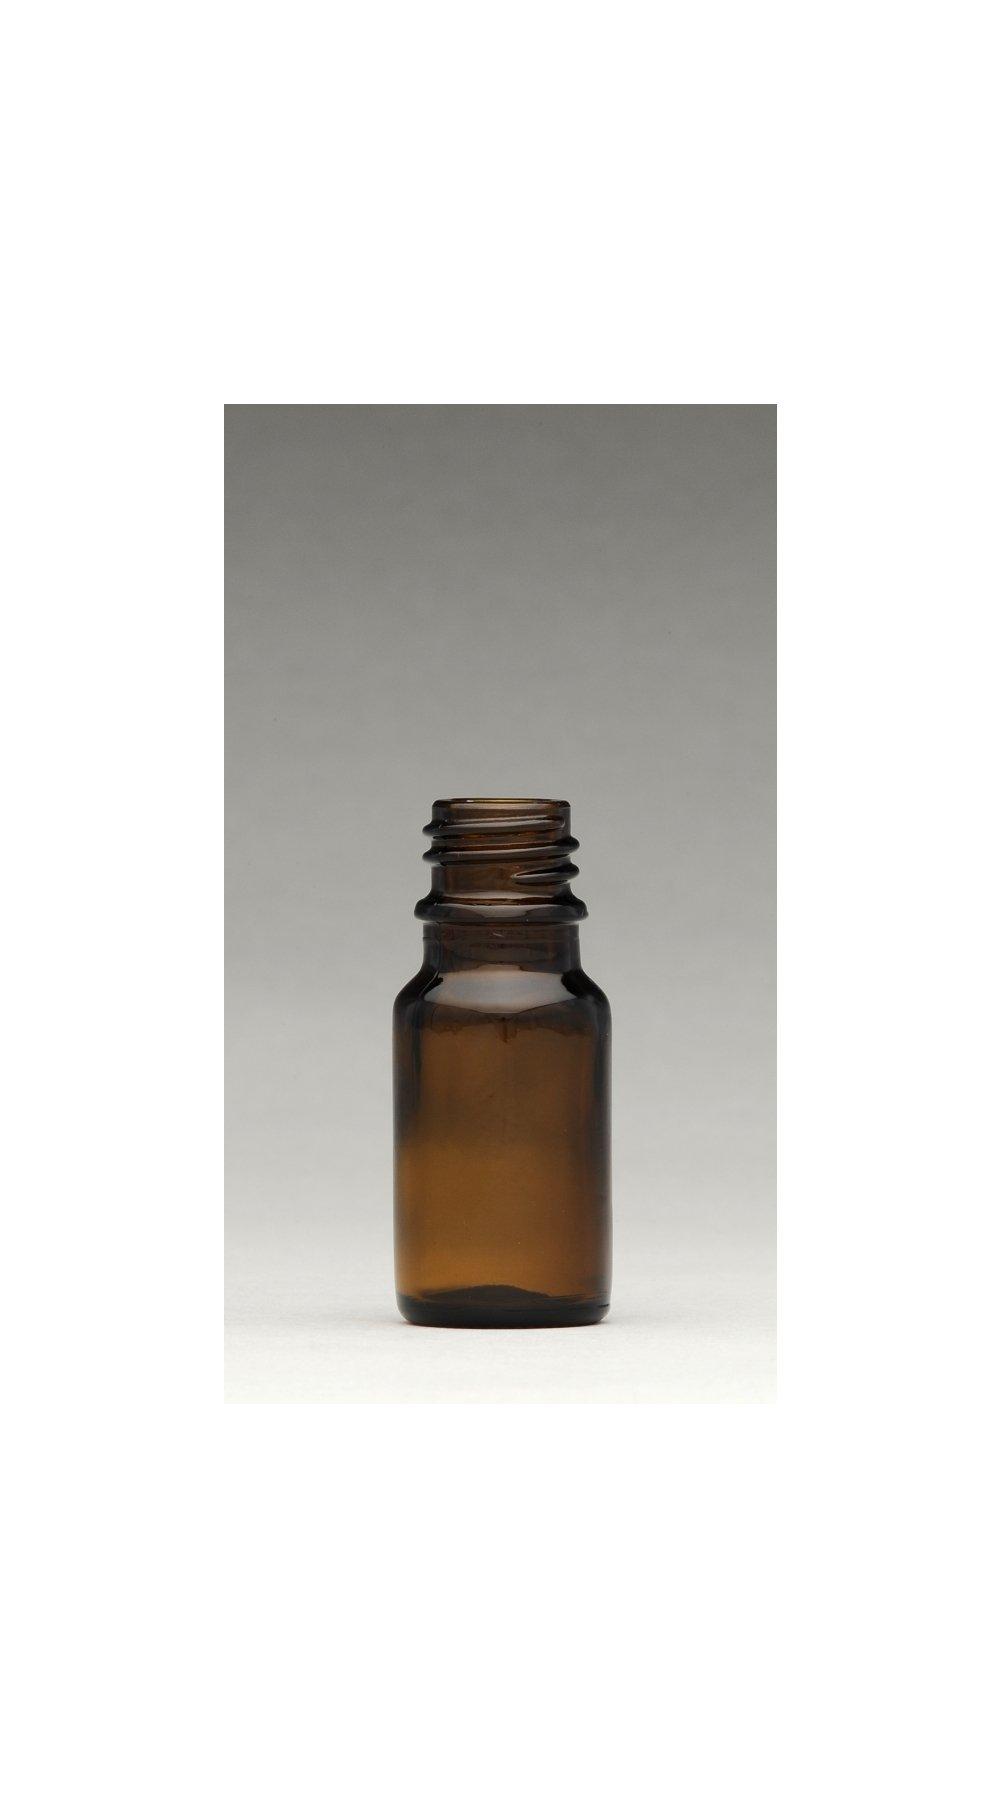 Lahev hnědé sklo 10 ml